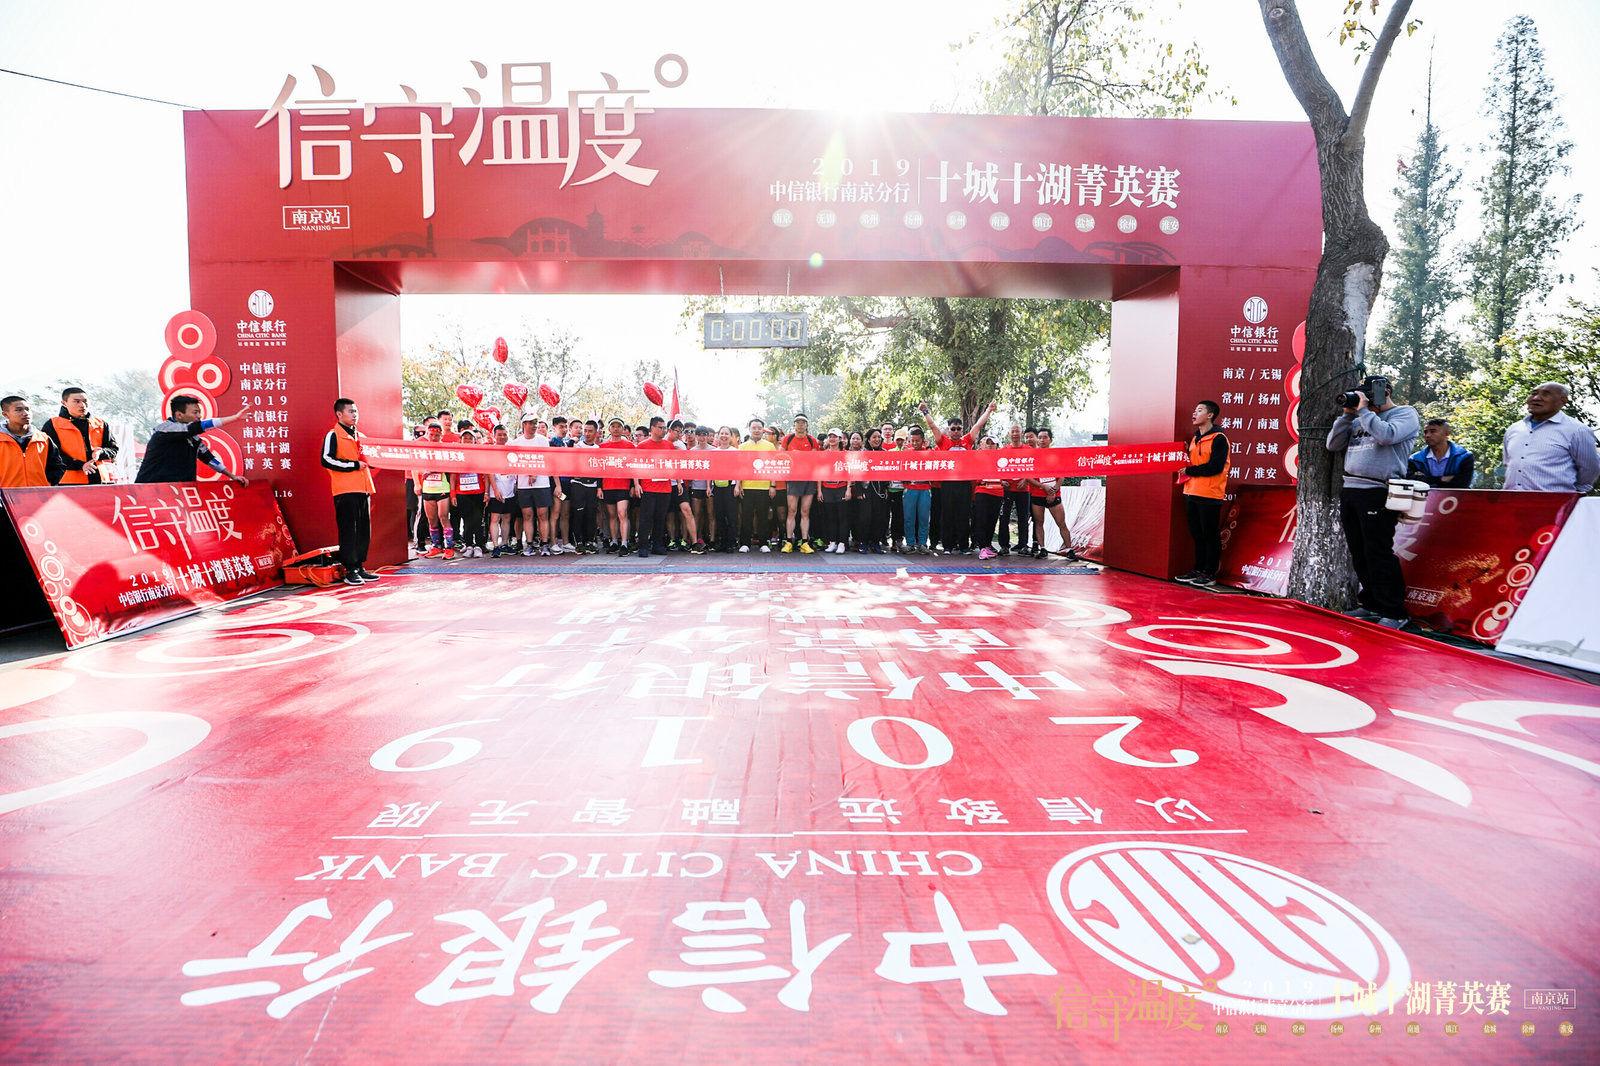 """十城联动,4000选手同步开跑 中信银行南京分行""""十城十湖菁英赛""""跑出暖暖公益心"""